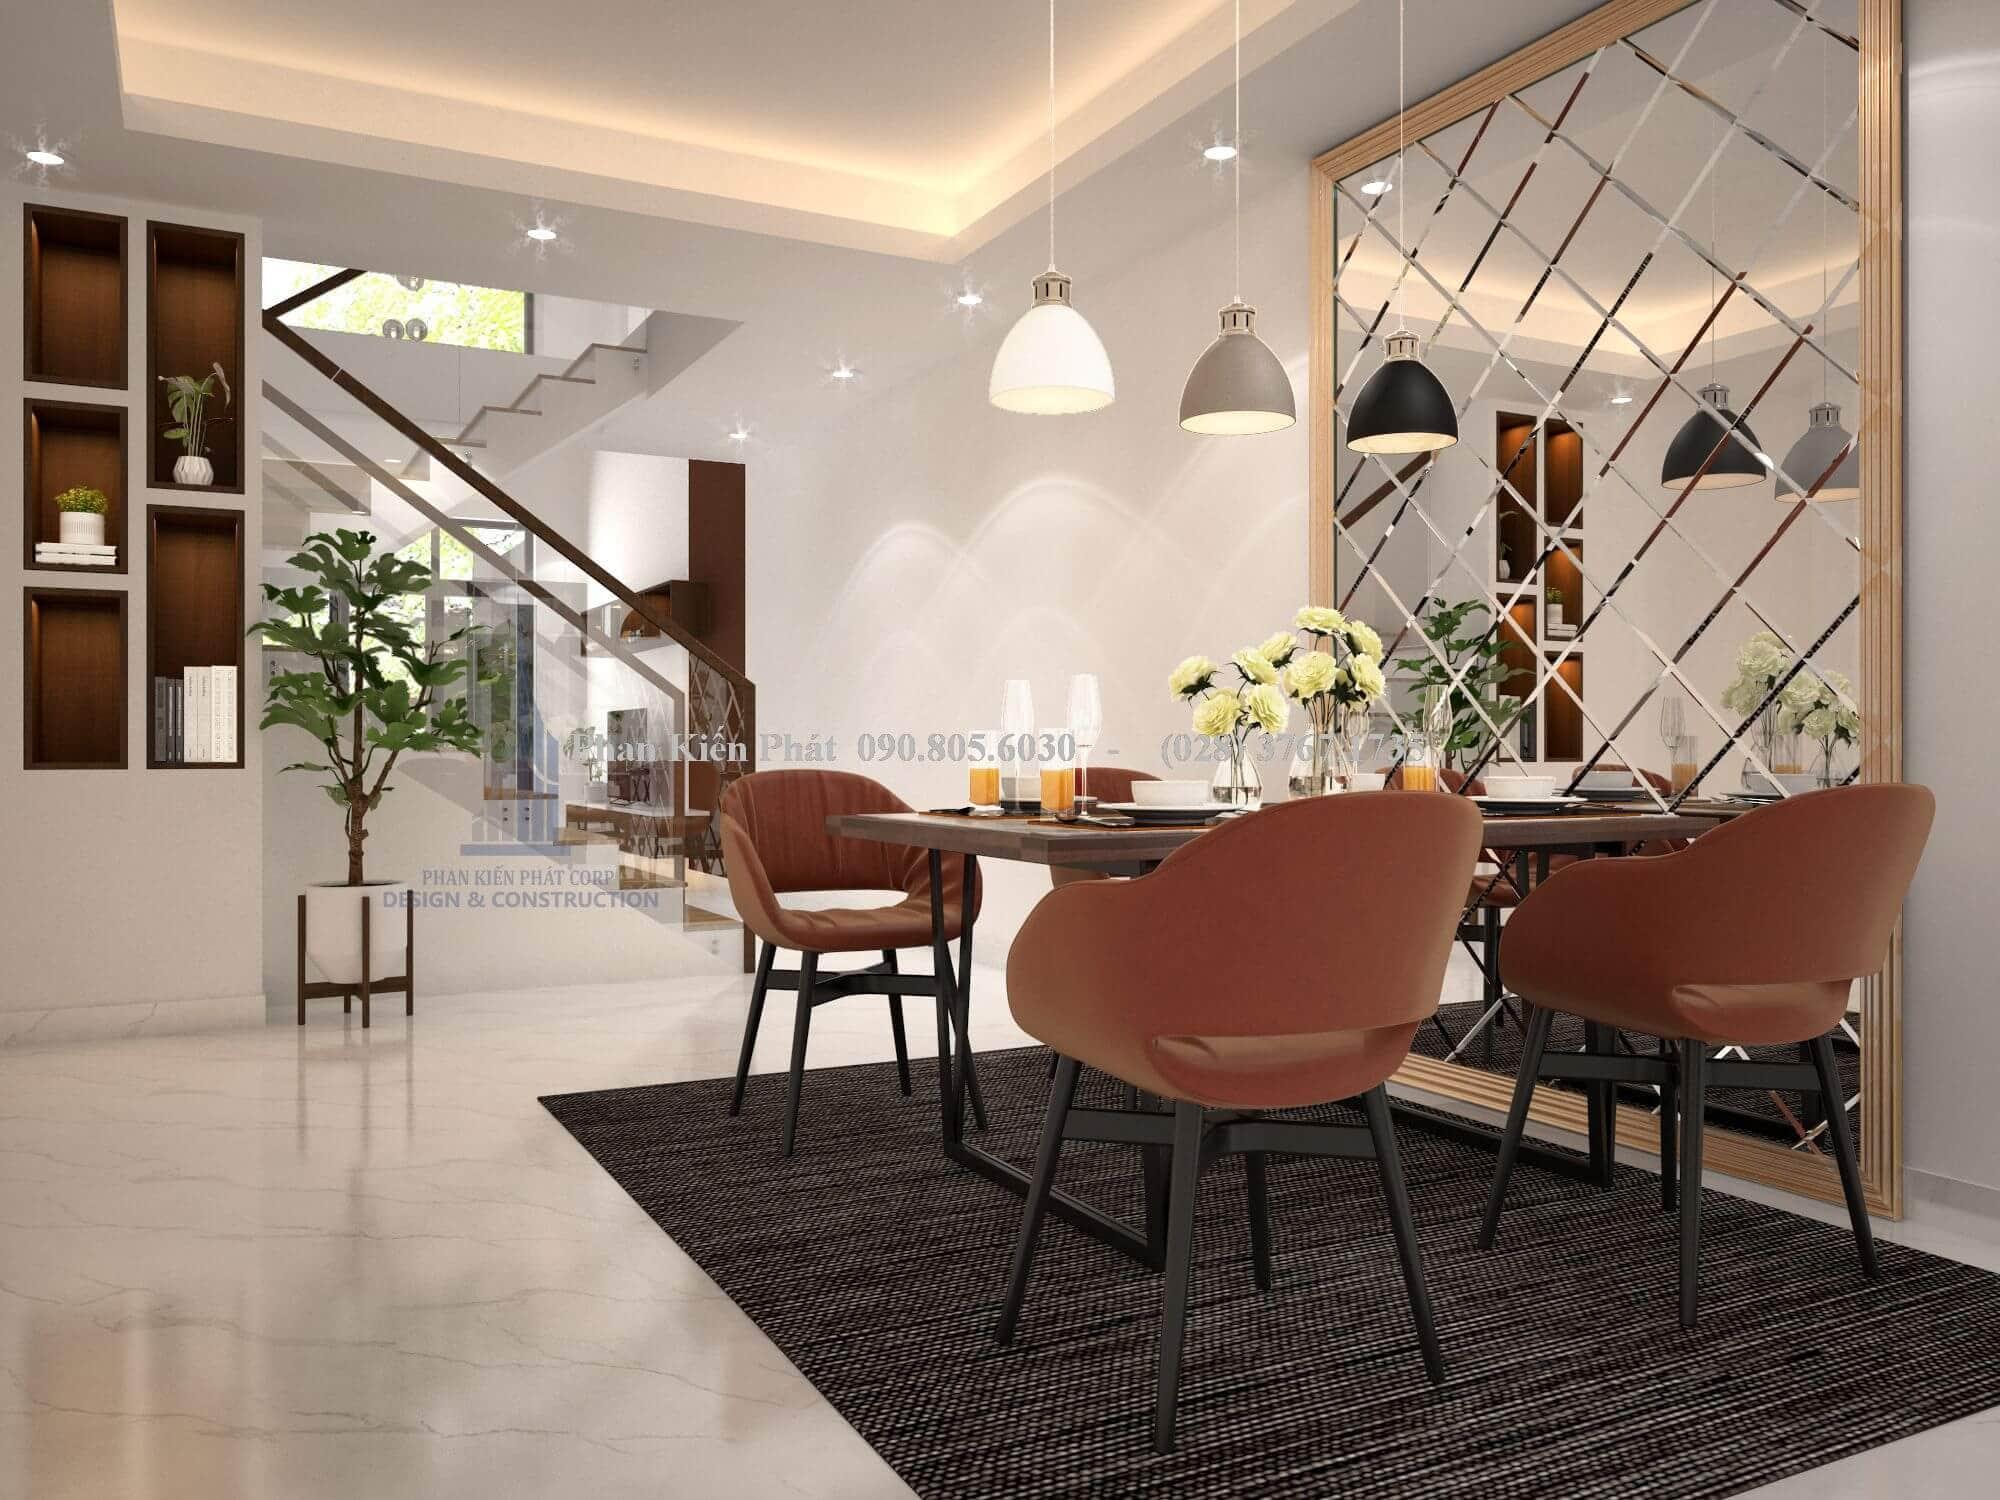 Gương trang trí cho không gian phòng ăn thêm độc đáo